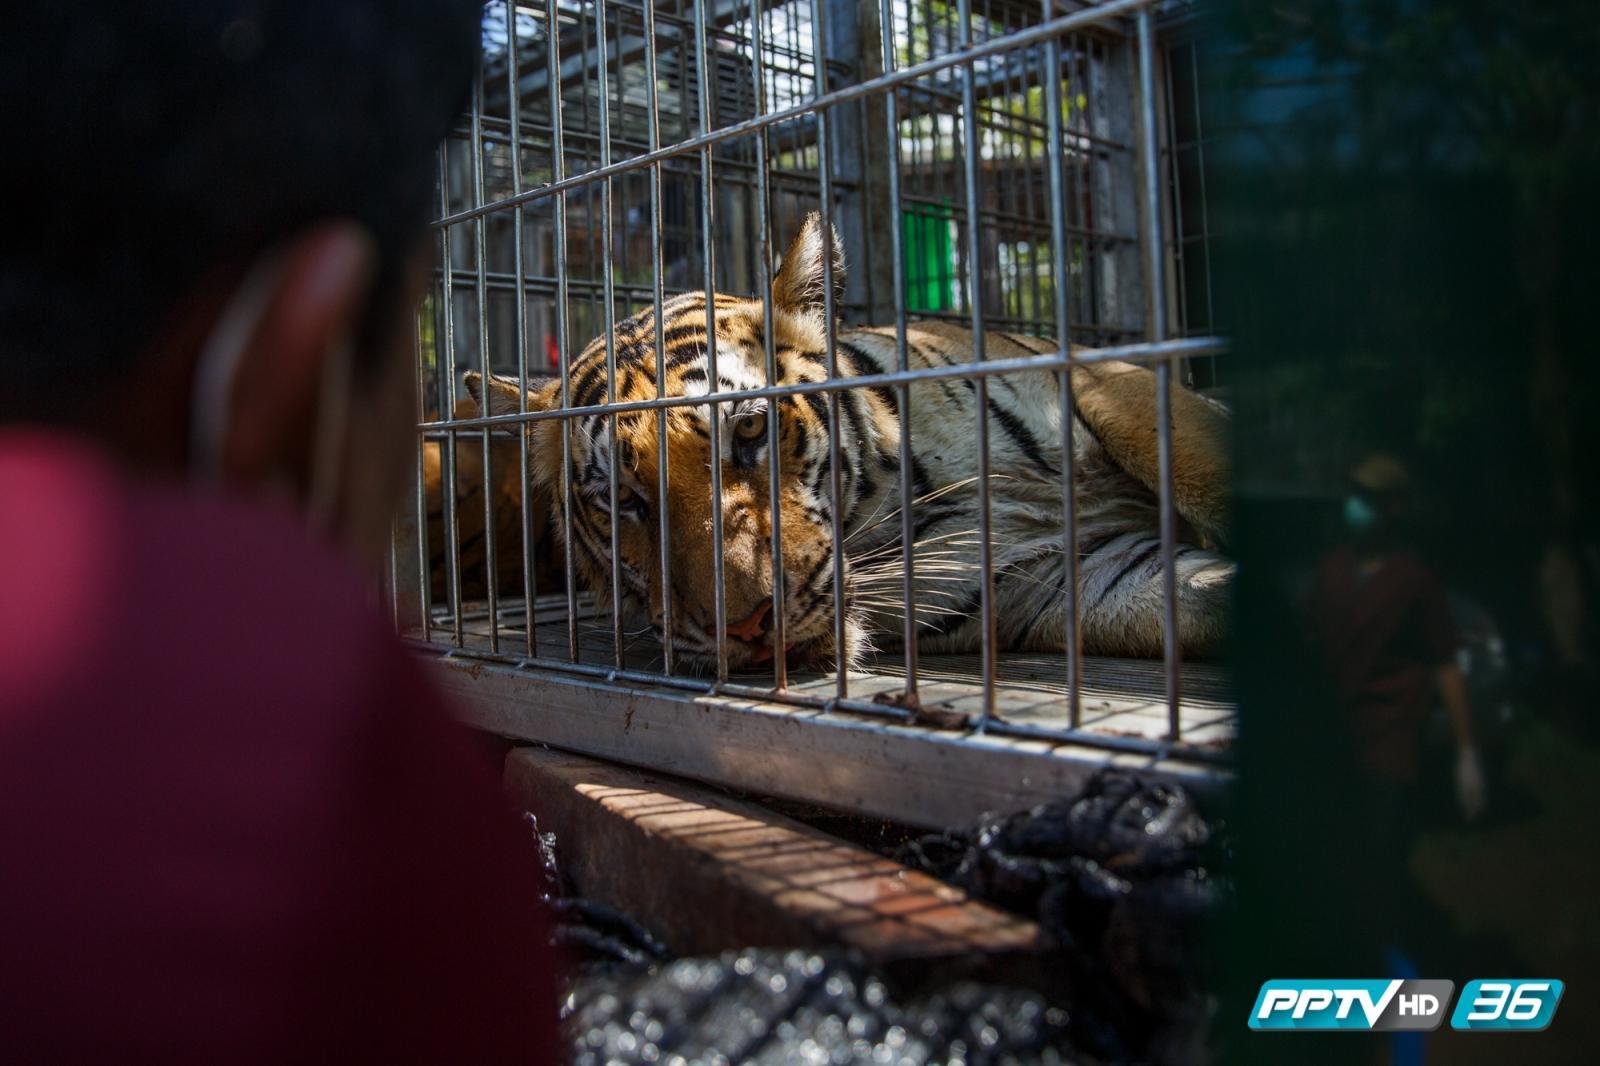 เร่งพิสูจน์ซากลูกเสือโยงขบวนการค้าสัตว์ข้ามชาติ (คลิป)